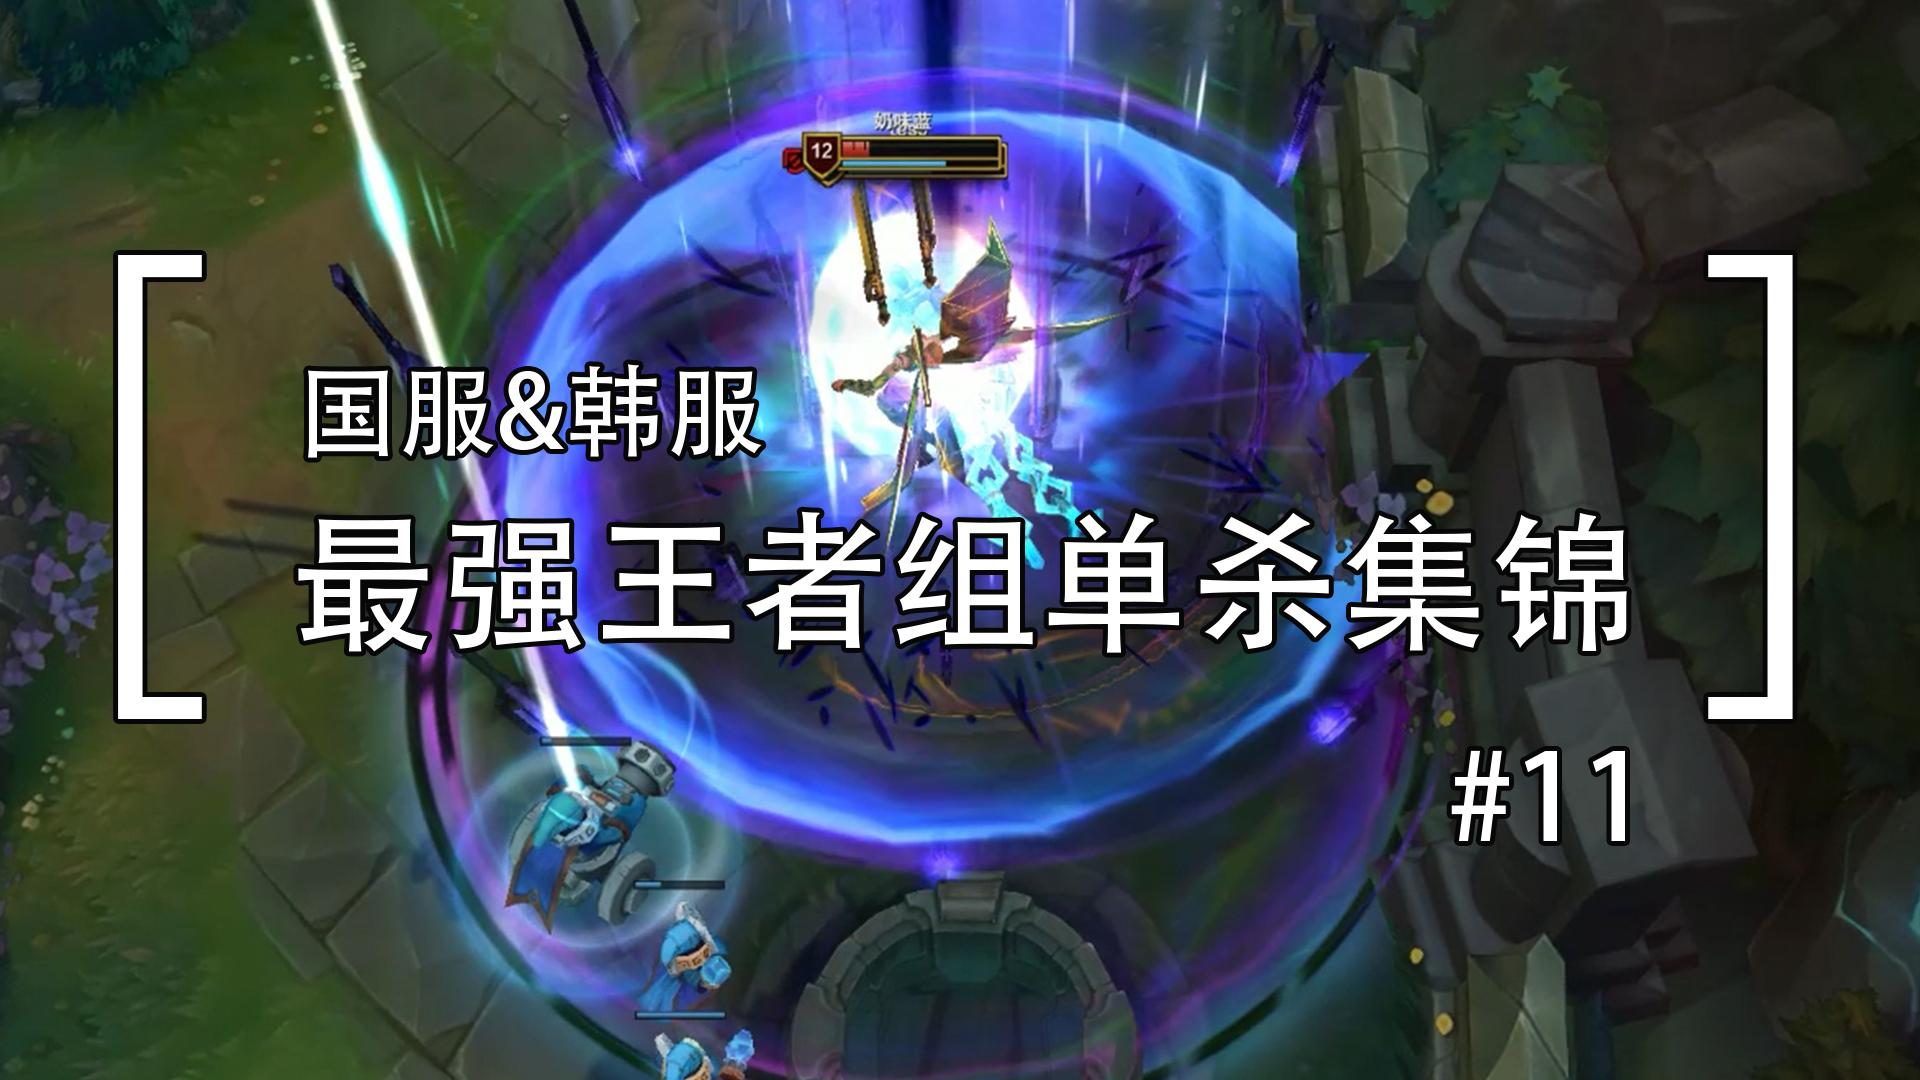 职业玩家VS国服玩家,LPL VS LCK !最强王者组单杀集锦#11